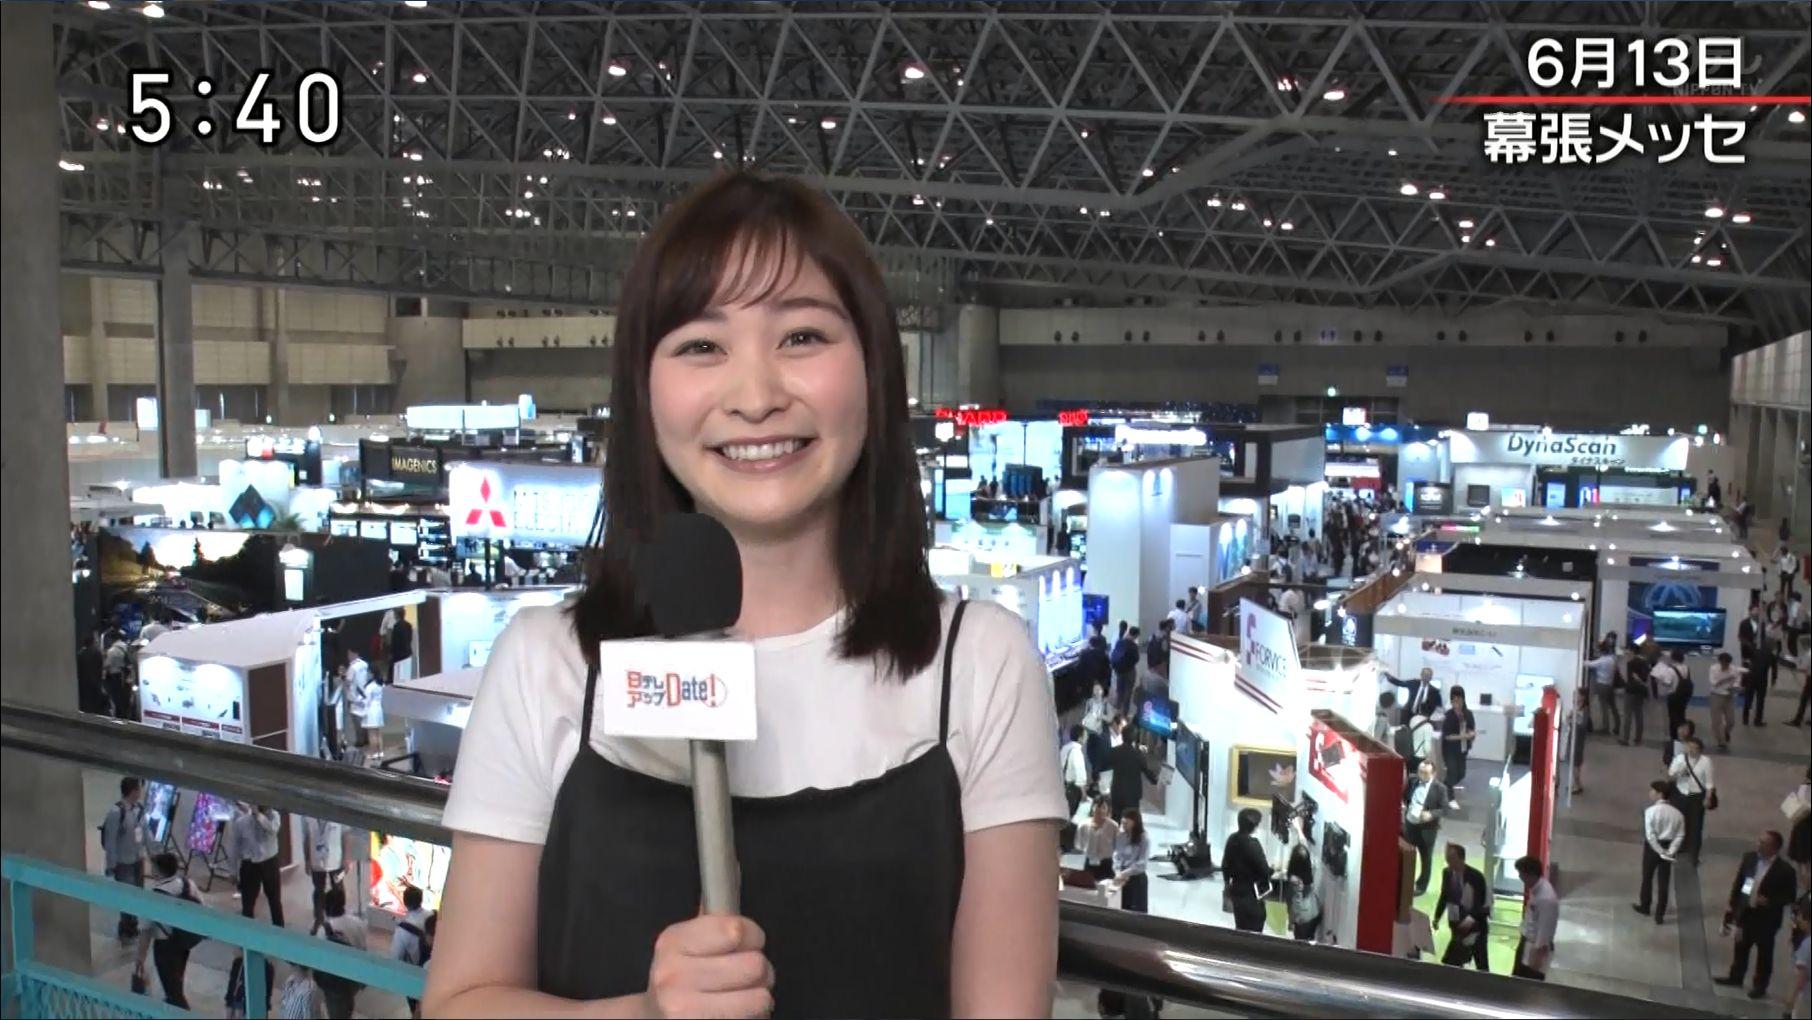 岩田絵里奈アナ 2か月 7キロ 増量 ポスト 水卜 アナ プロフィール 紹介